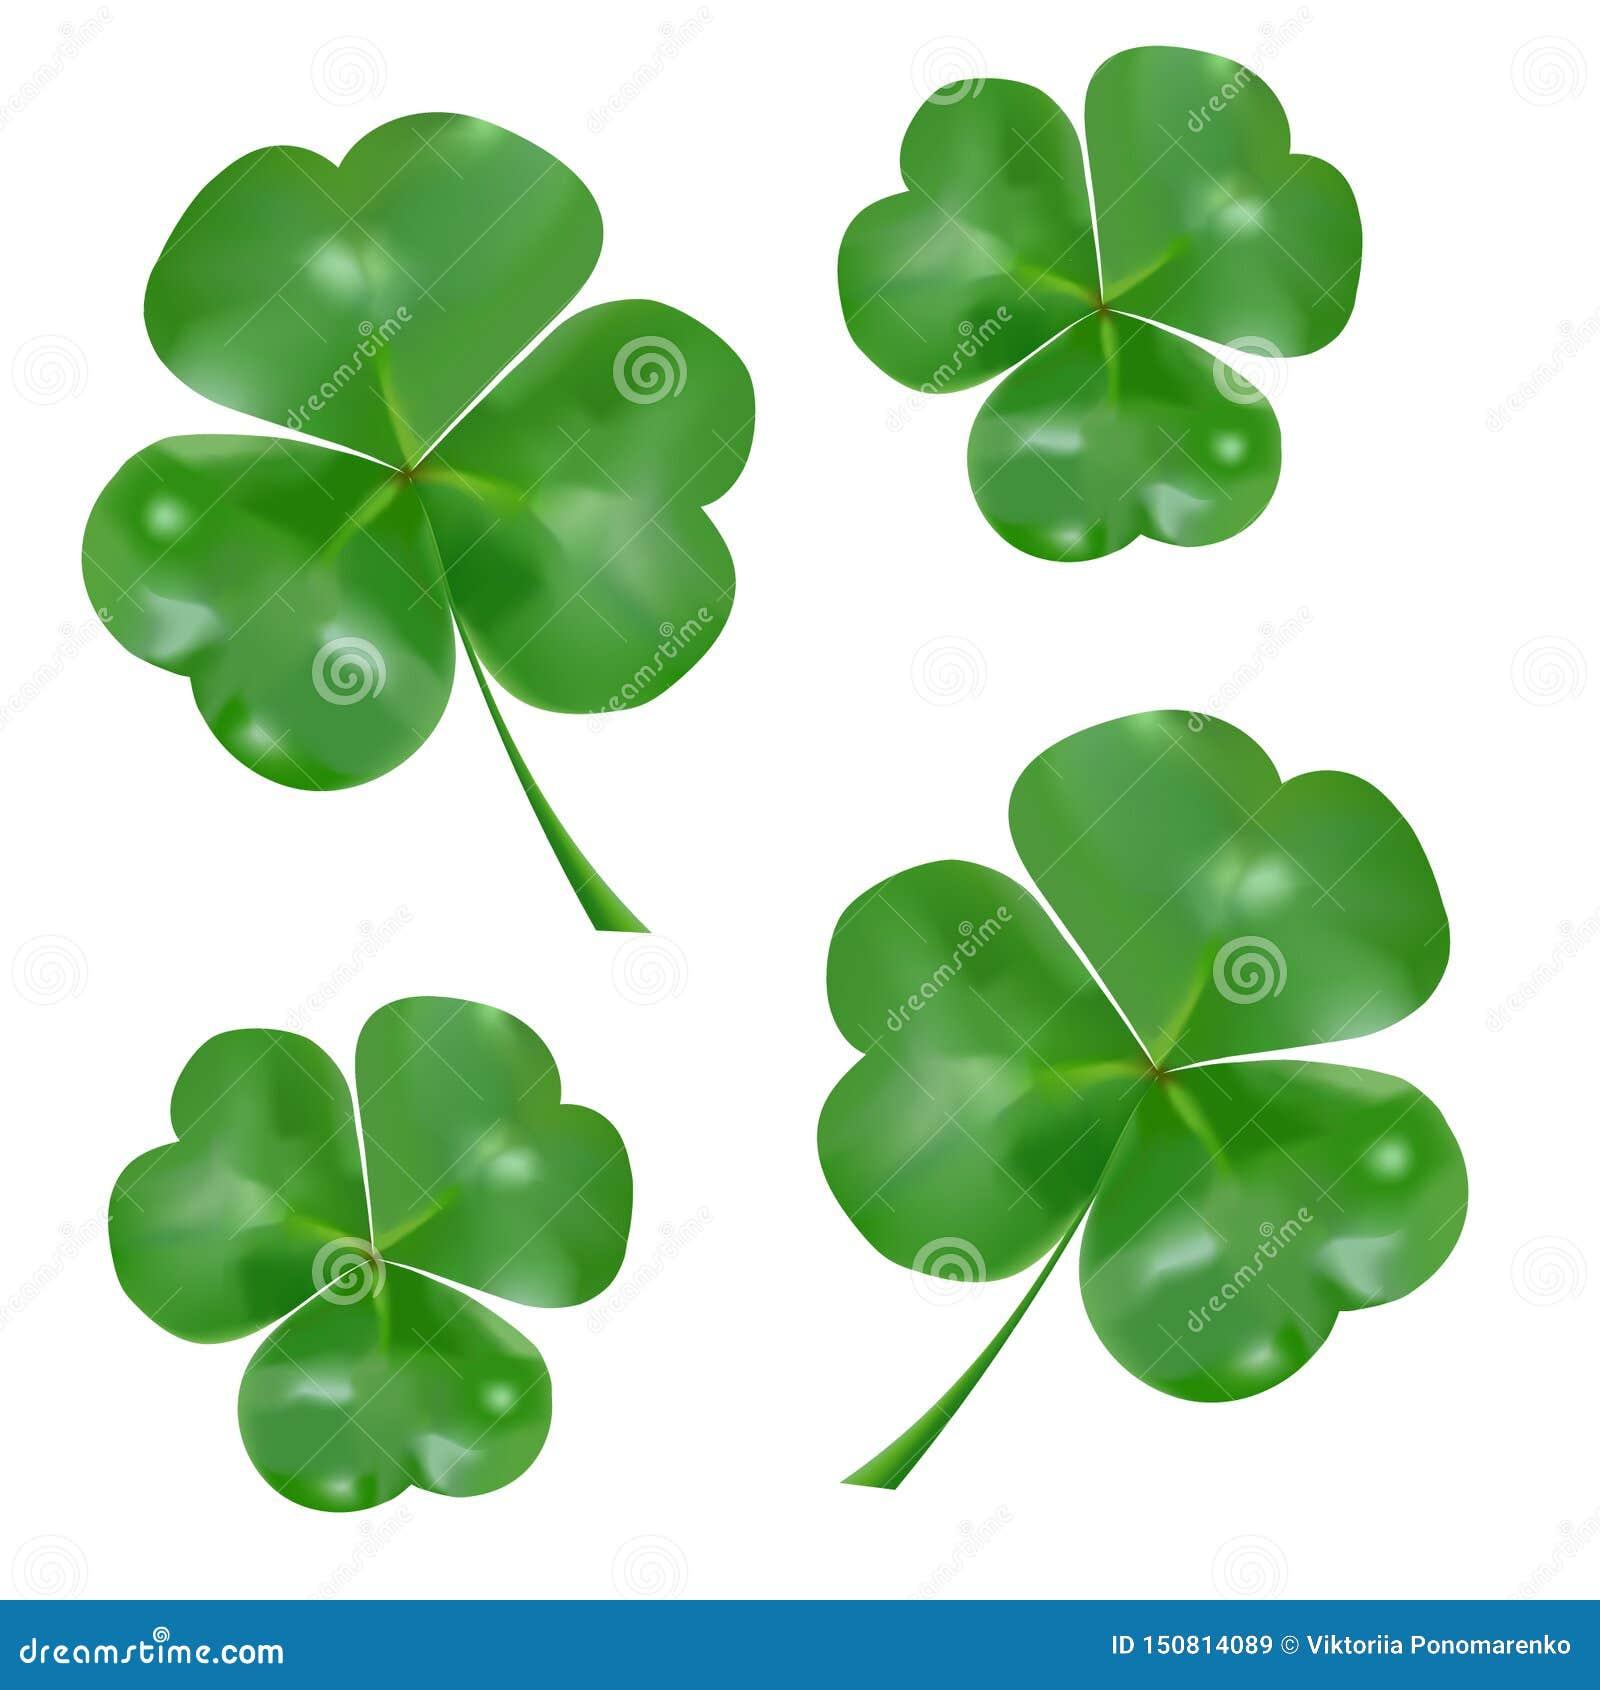 Realistischer drei-leaved Shamrock Symbol von St- Patrick` s Tag